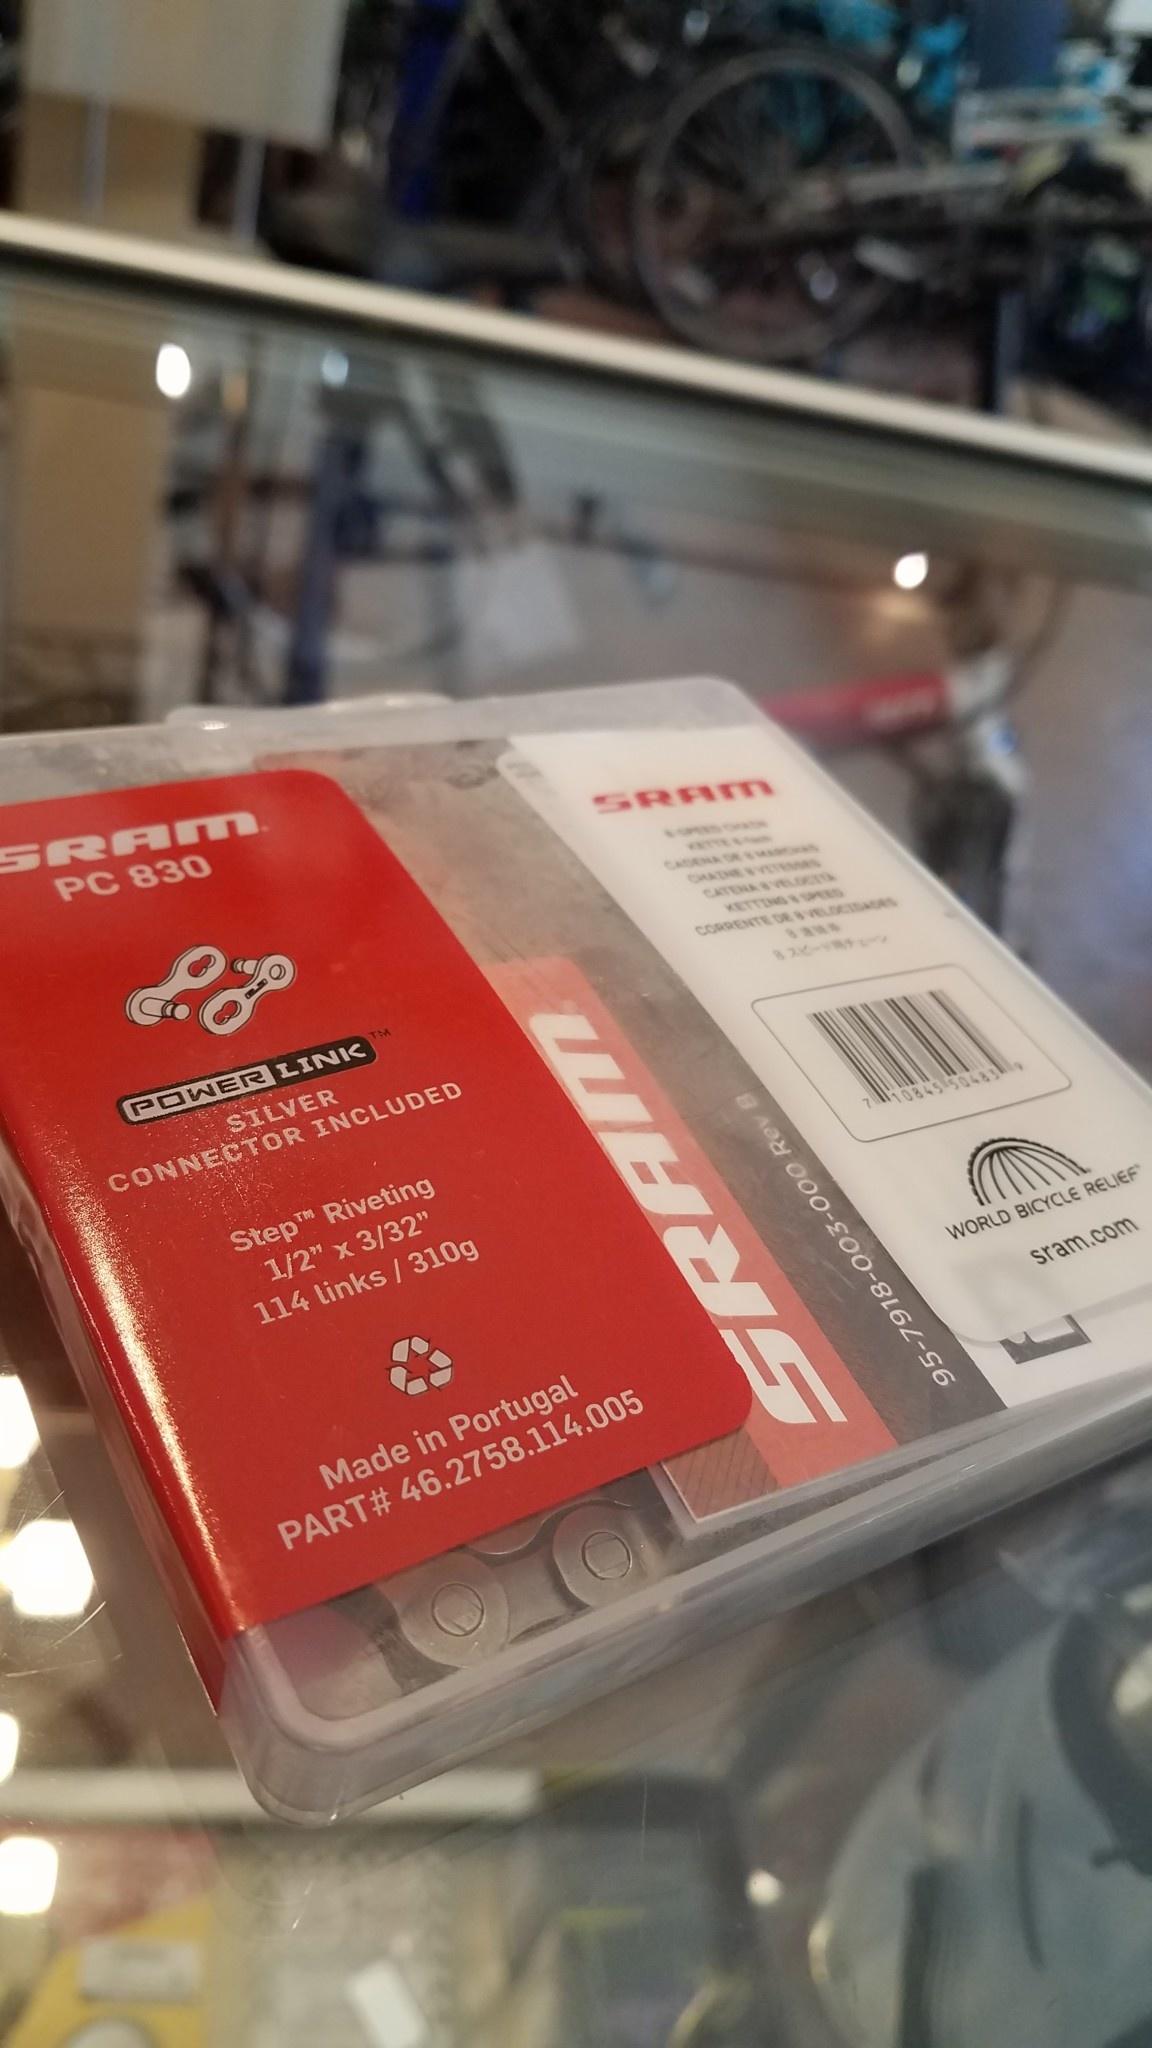 SRAM PC-830 Chain - 6, 7, 8-Speed, 114 Links, Gray